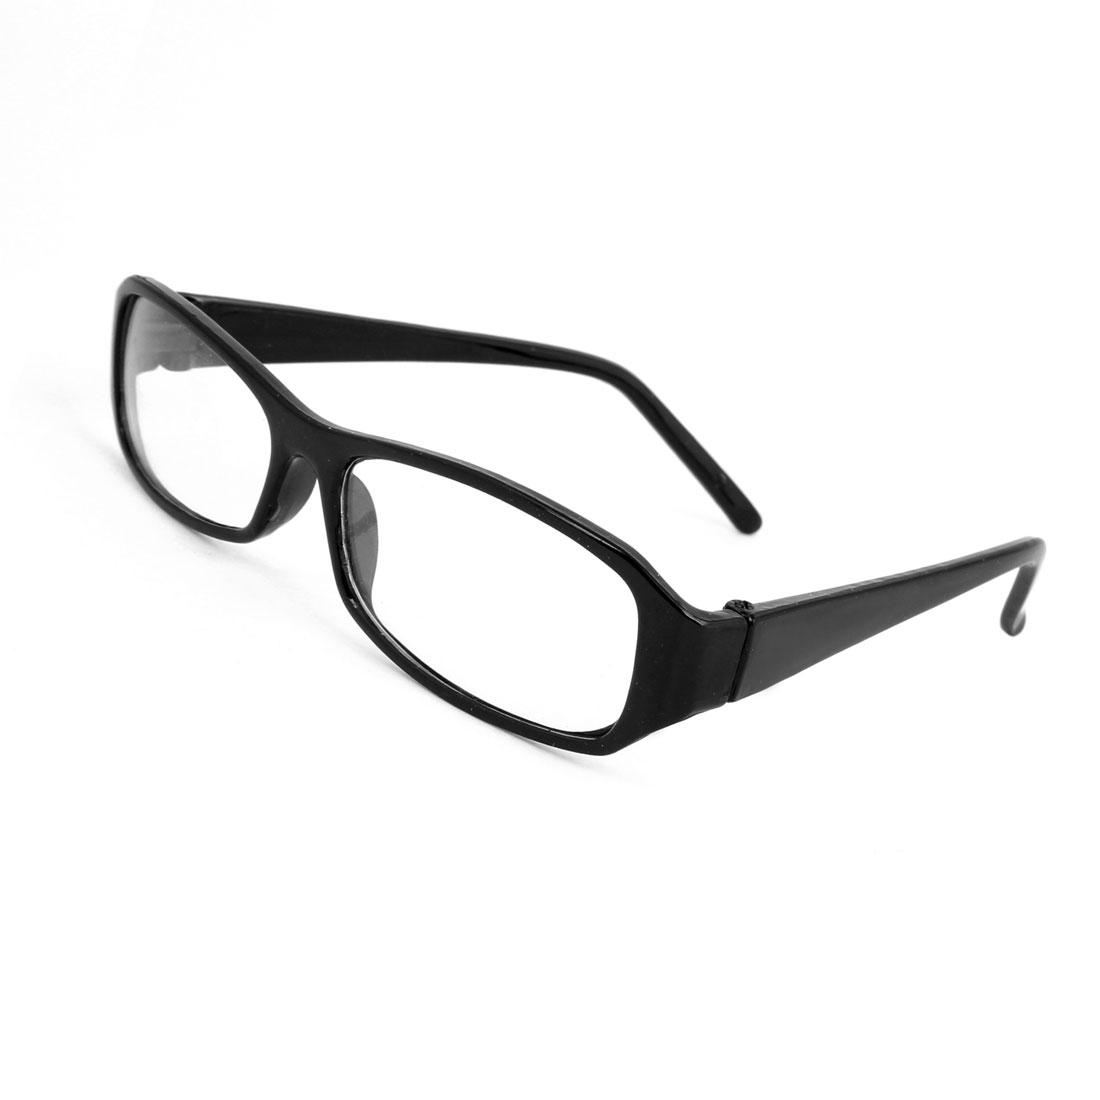 Lady Black Plastic Full Frame Rectangle Clear Lens Plain Glasses